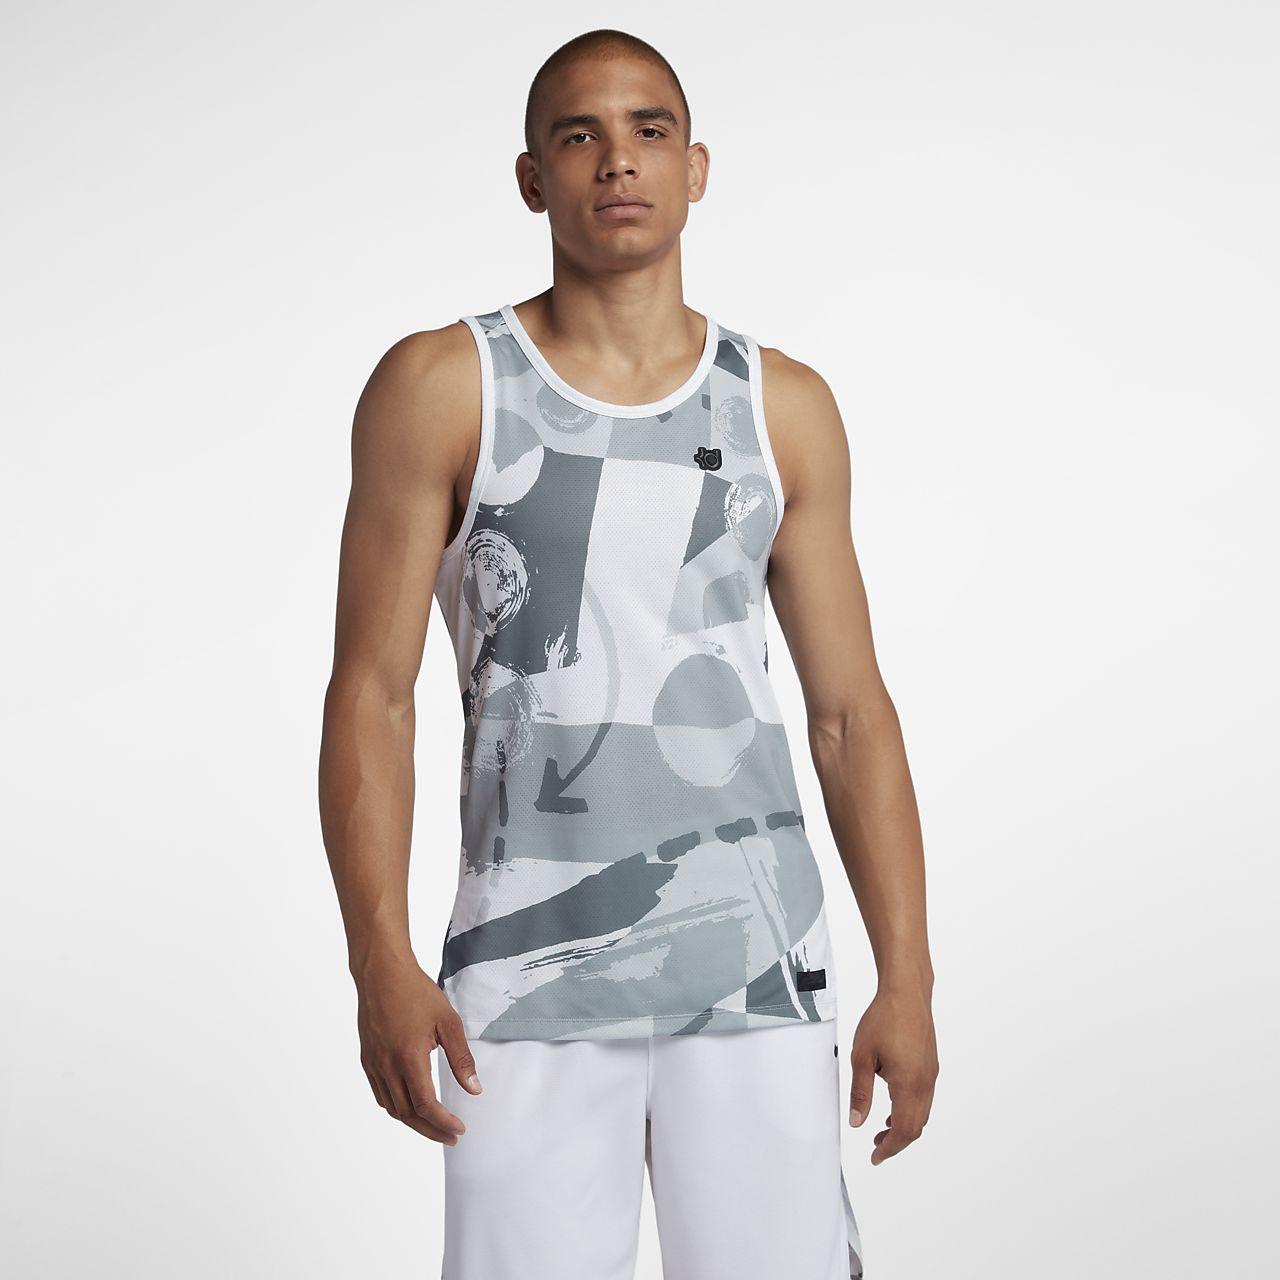 seleziona per il più recente prima qualità nuovo stile di Canotta da basket Nike KD Hyper Elite - Uomo